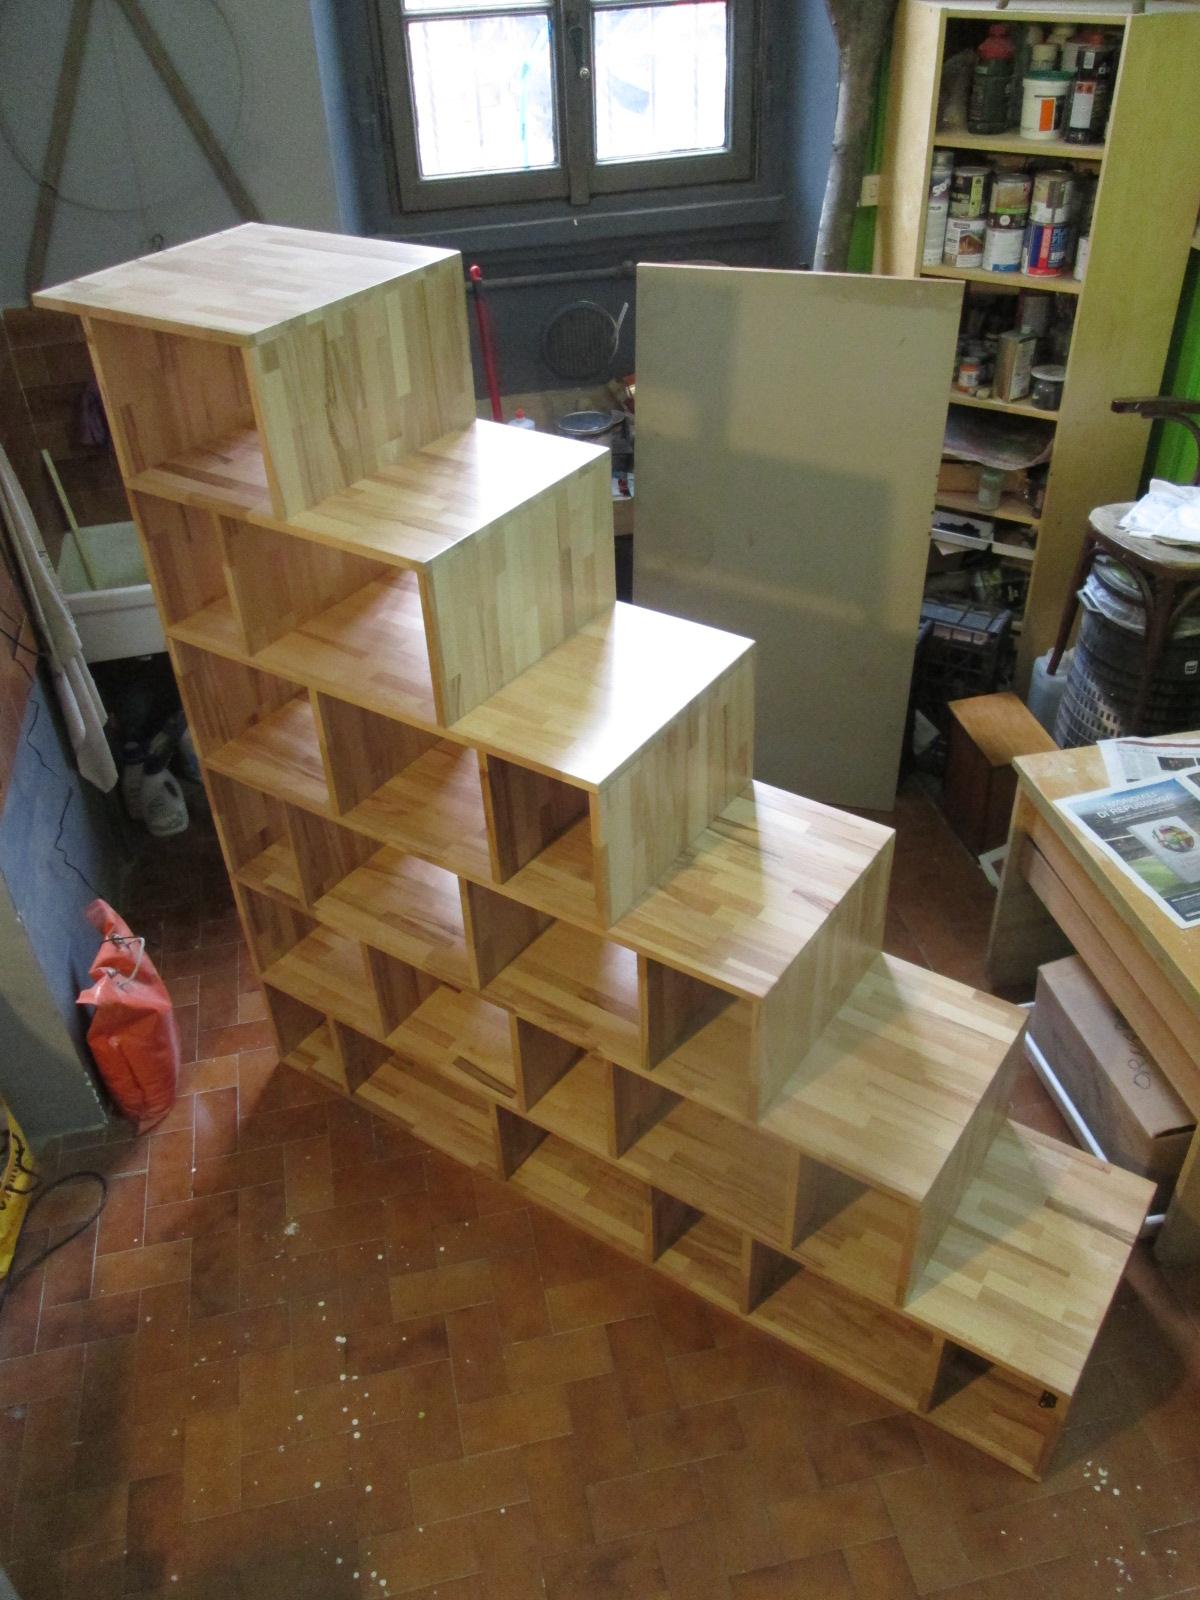 Libreria creativo Scala : Bene, ora si tratta di smontare, trasportare il tutto a moduli nella ...